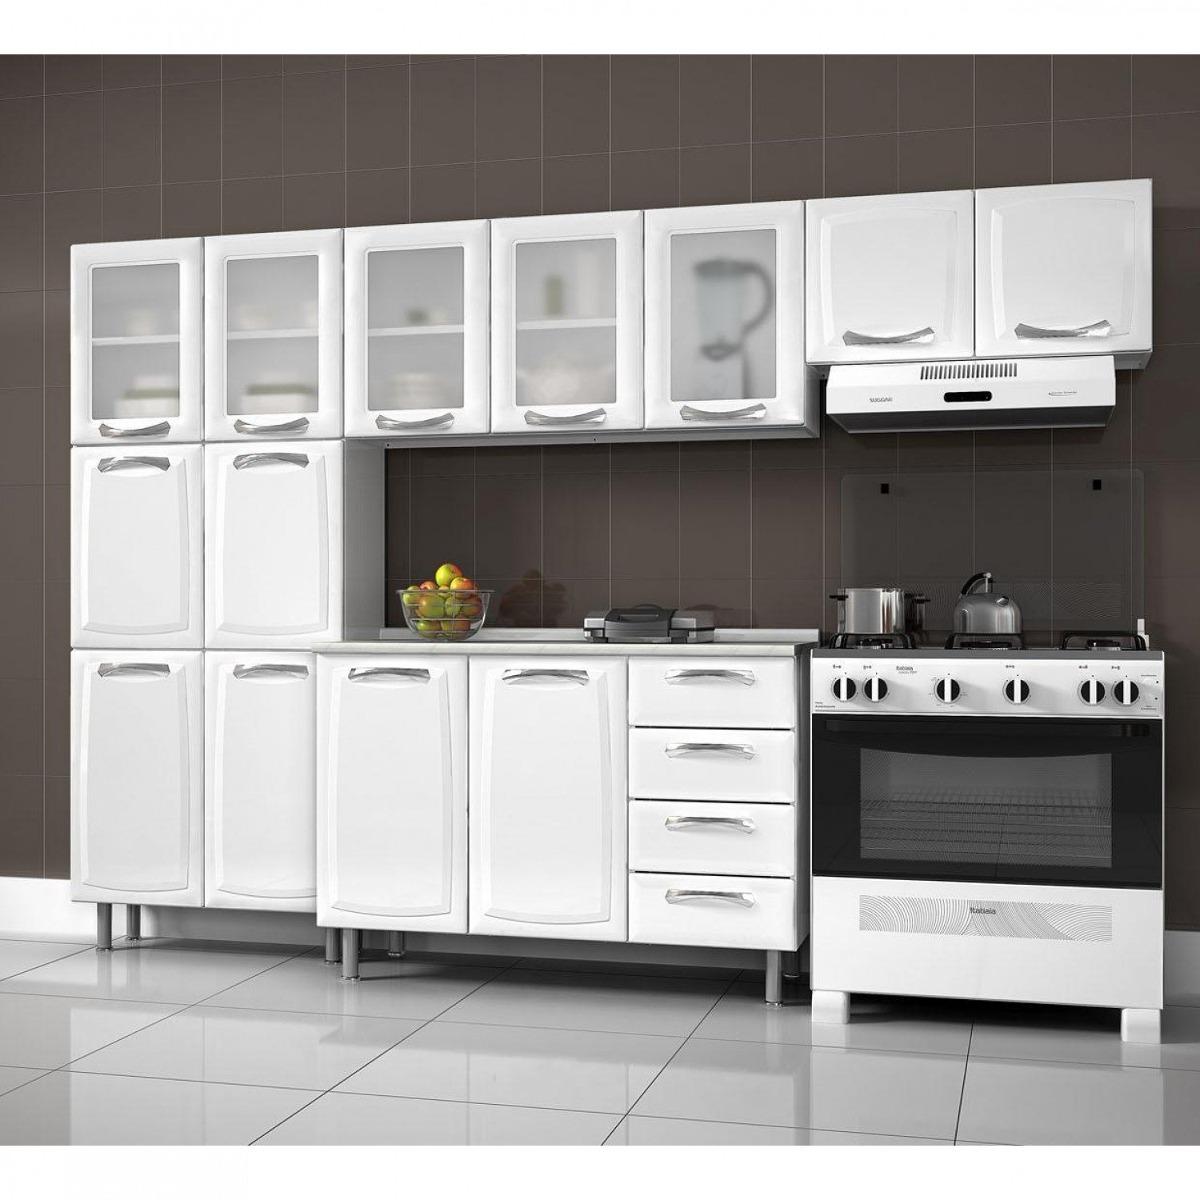 Cozinha Compacta 4 Pe As Com Balc O Premium Itatiaia Bewt R 1 622